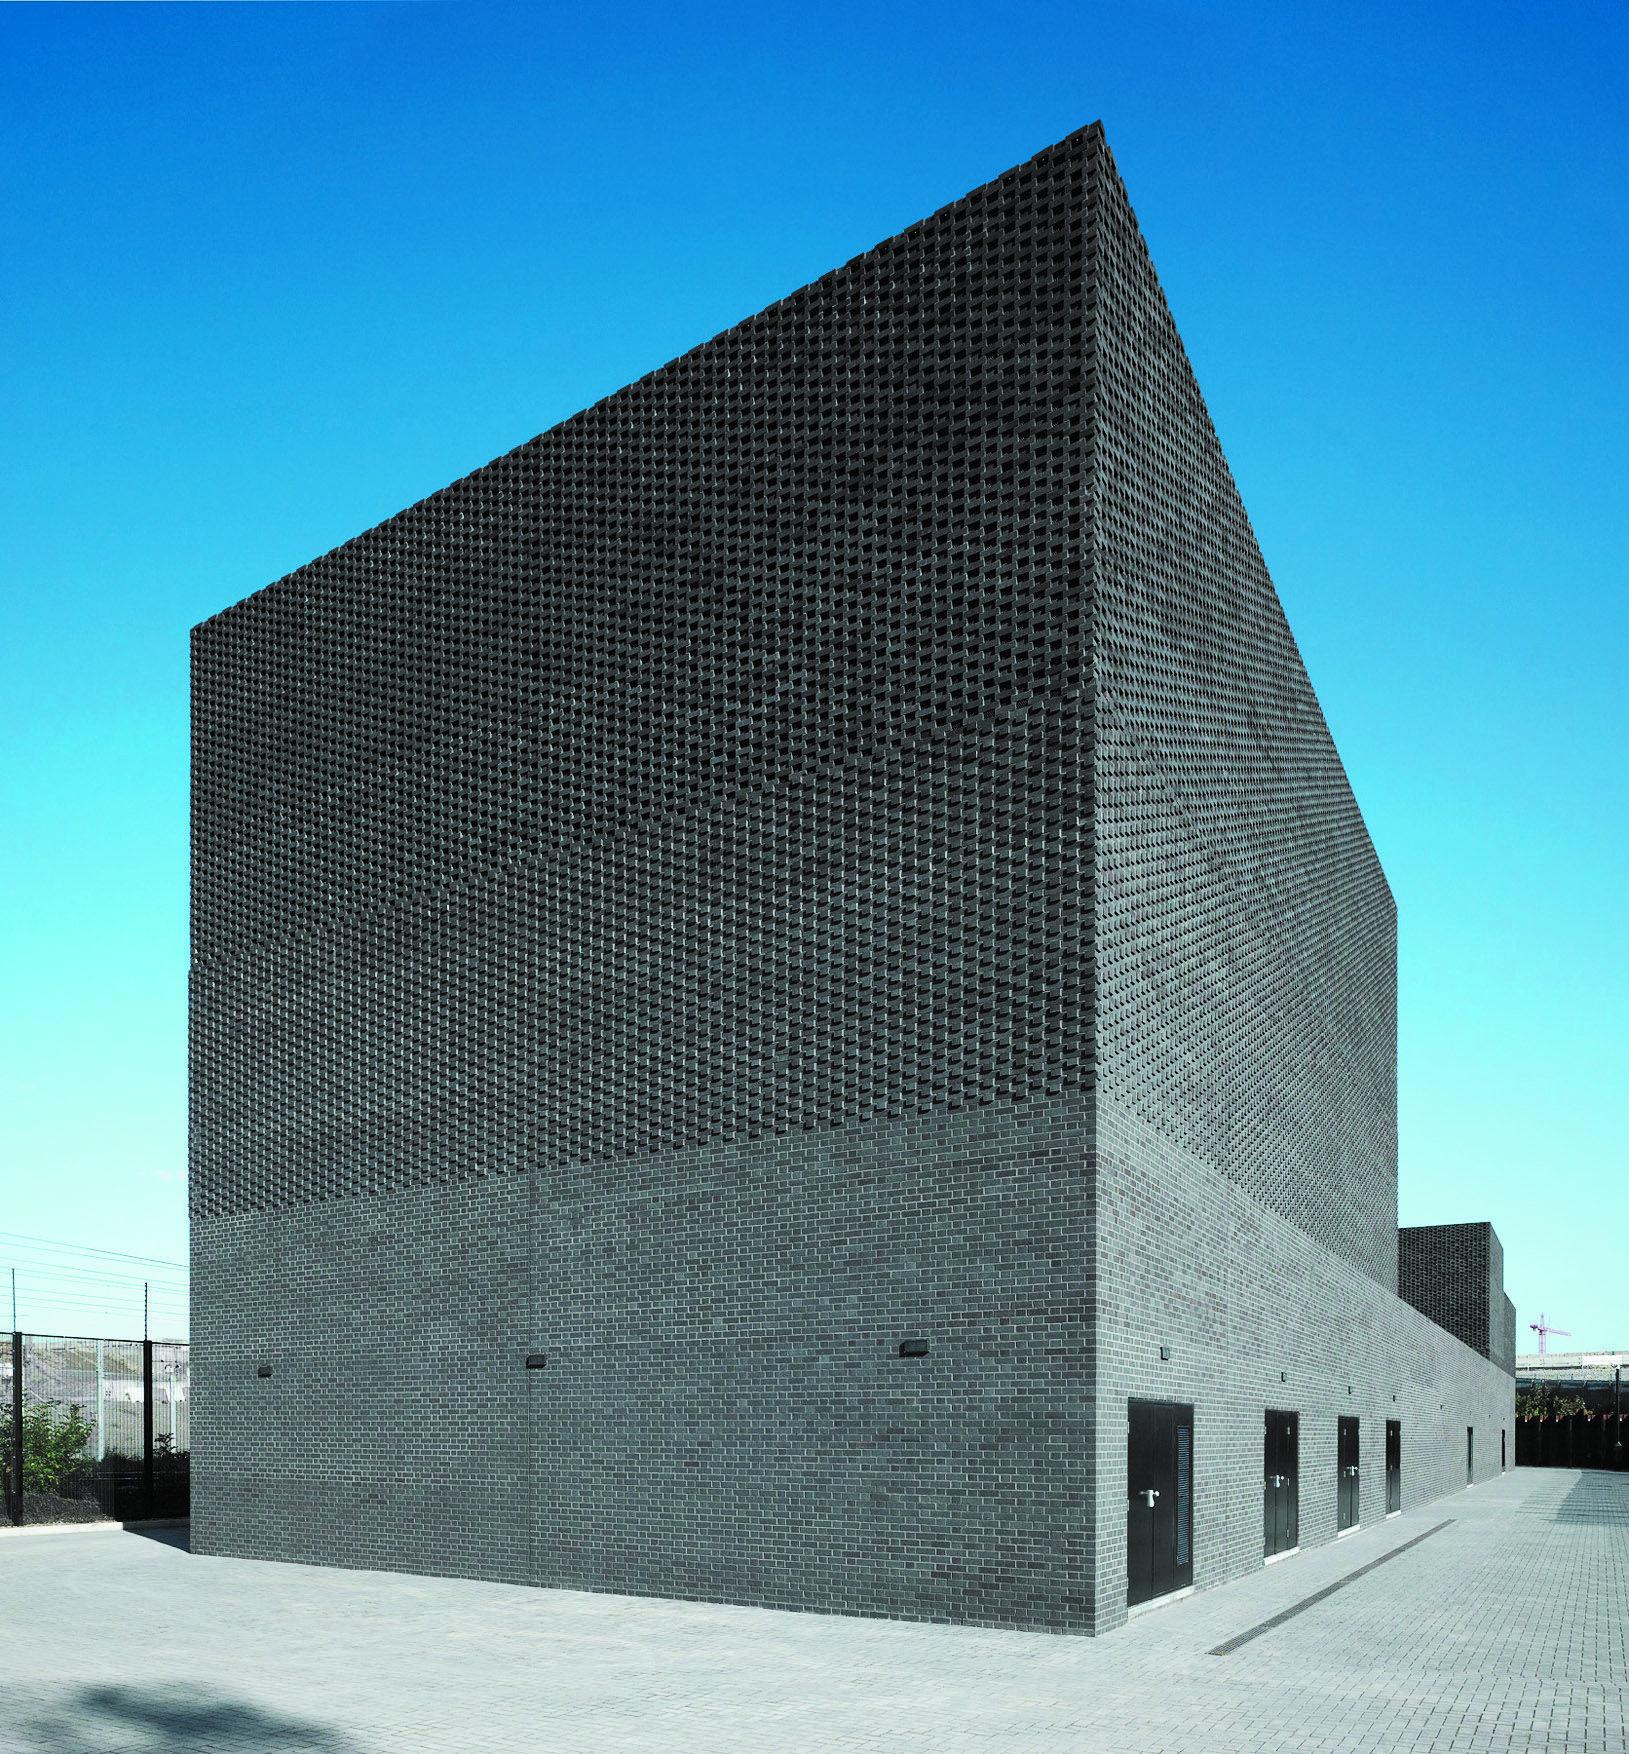 Facade Architecture, Brick